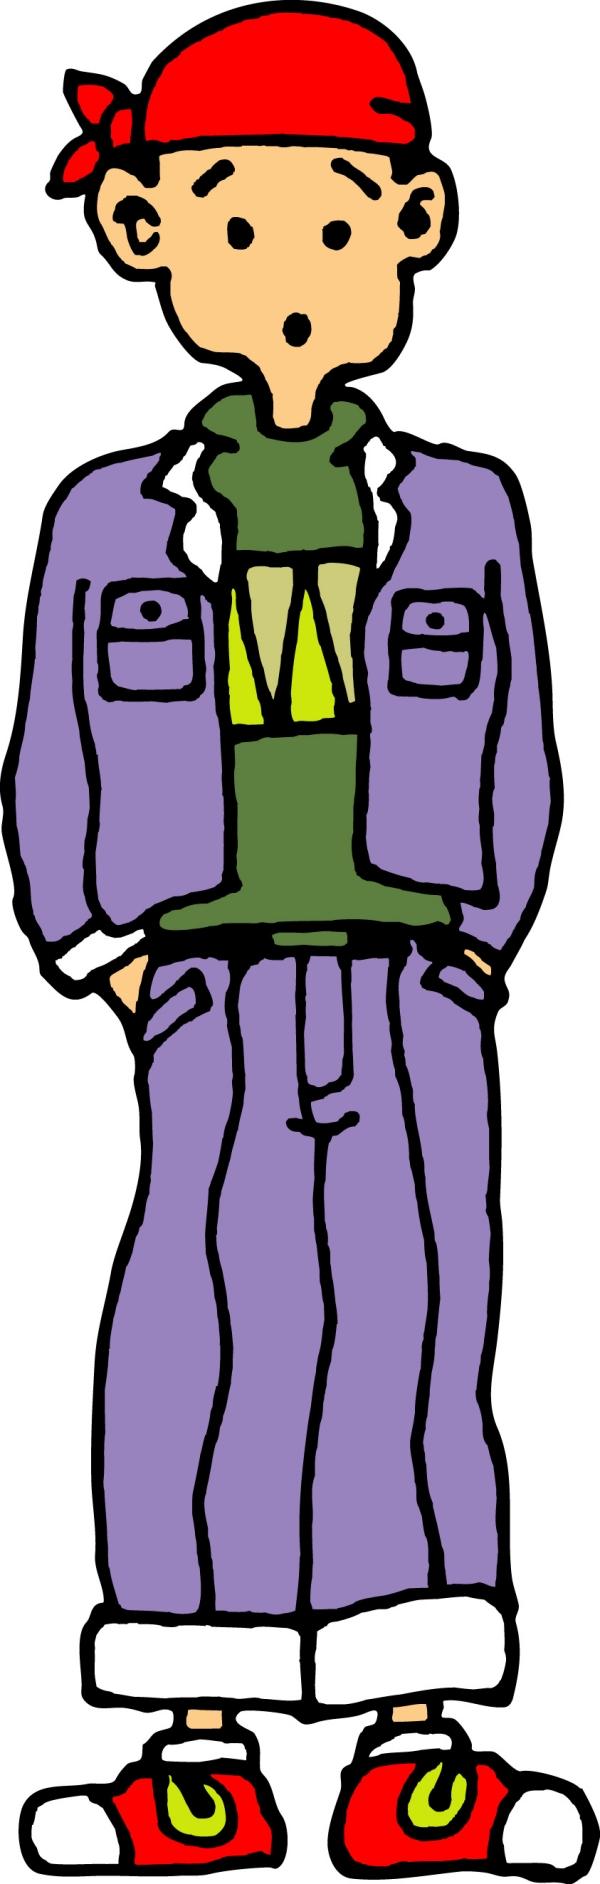 瘦胖简笔画_胖瘦对比的卡通人物_胖瘦对比卡通人物_胖瘦卡通人物_鹊桥吧